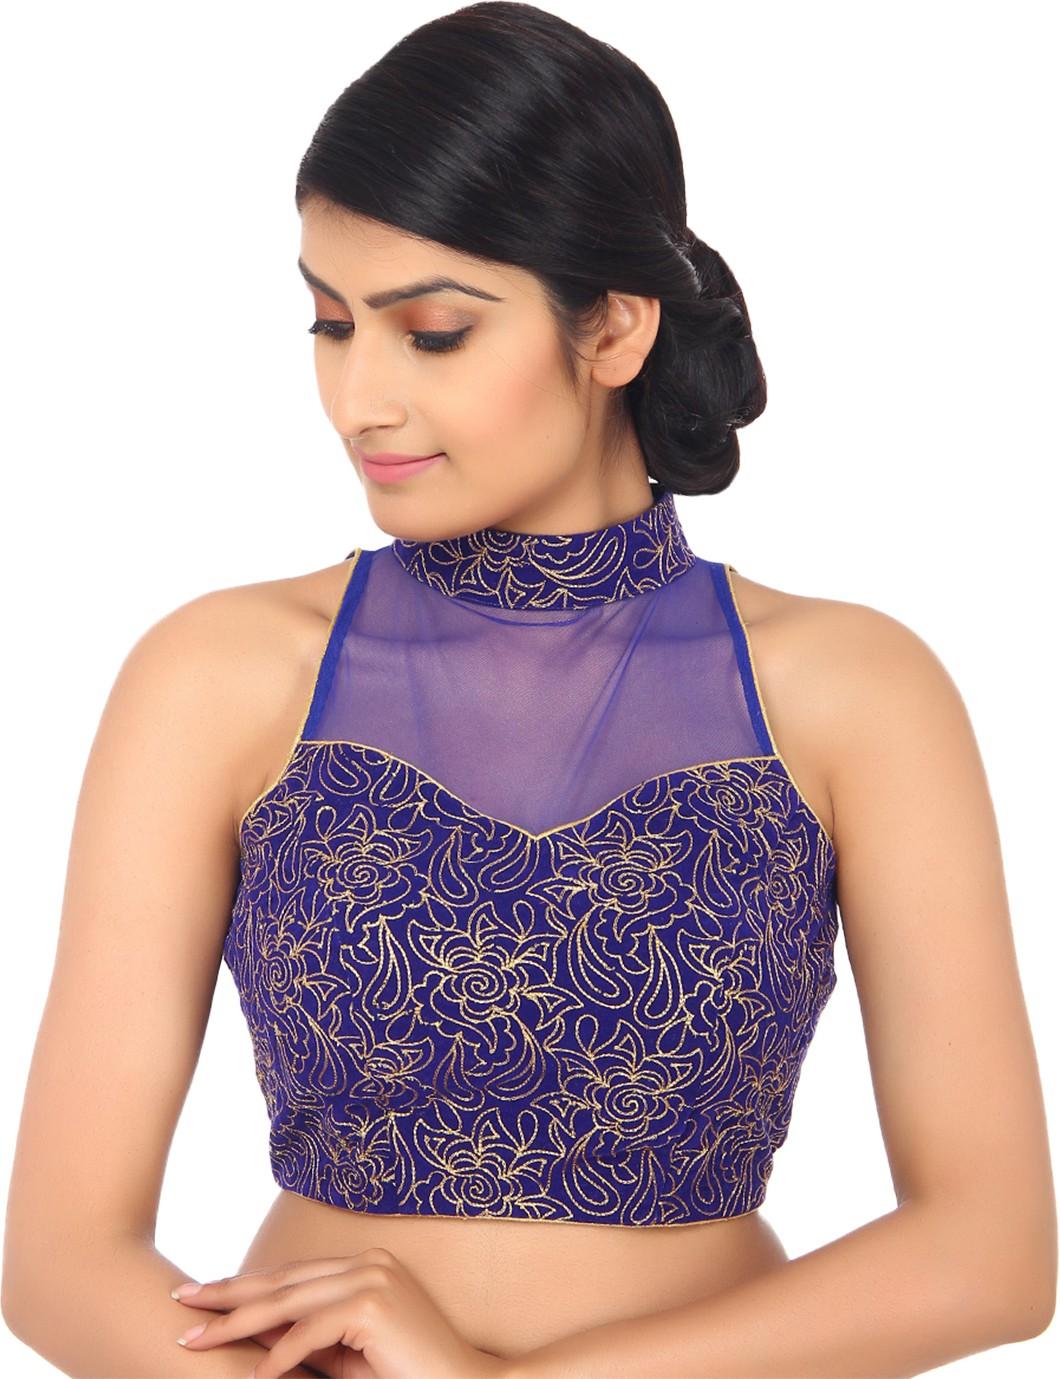 Amodini Band collar Womens Stitched Blouse